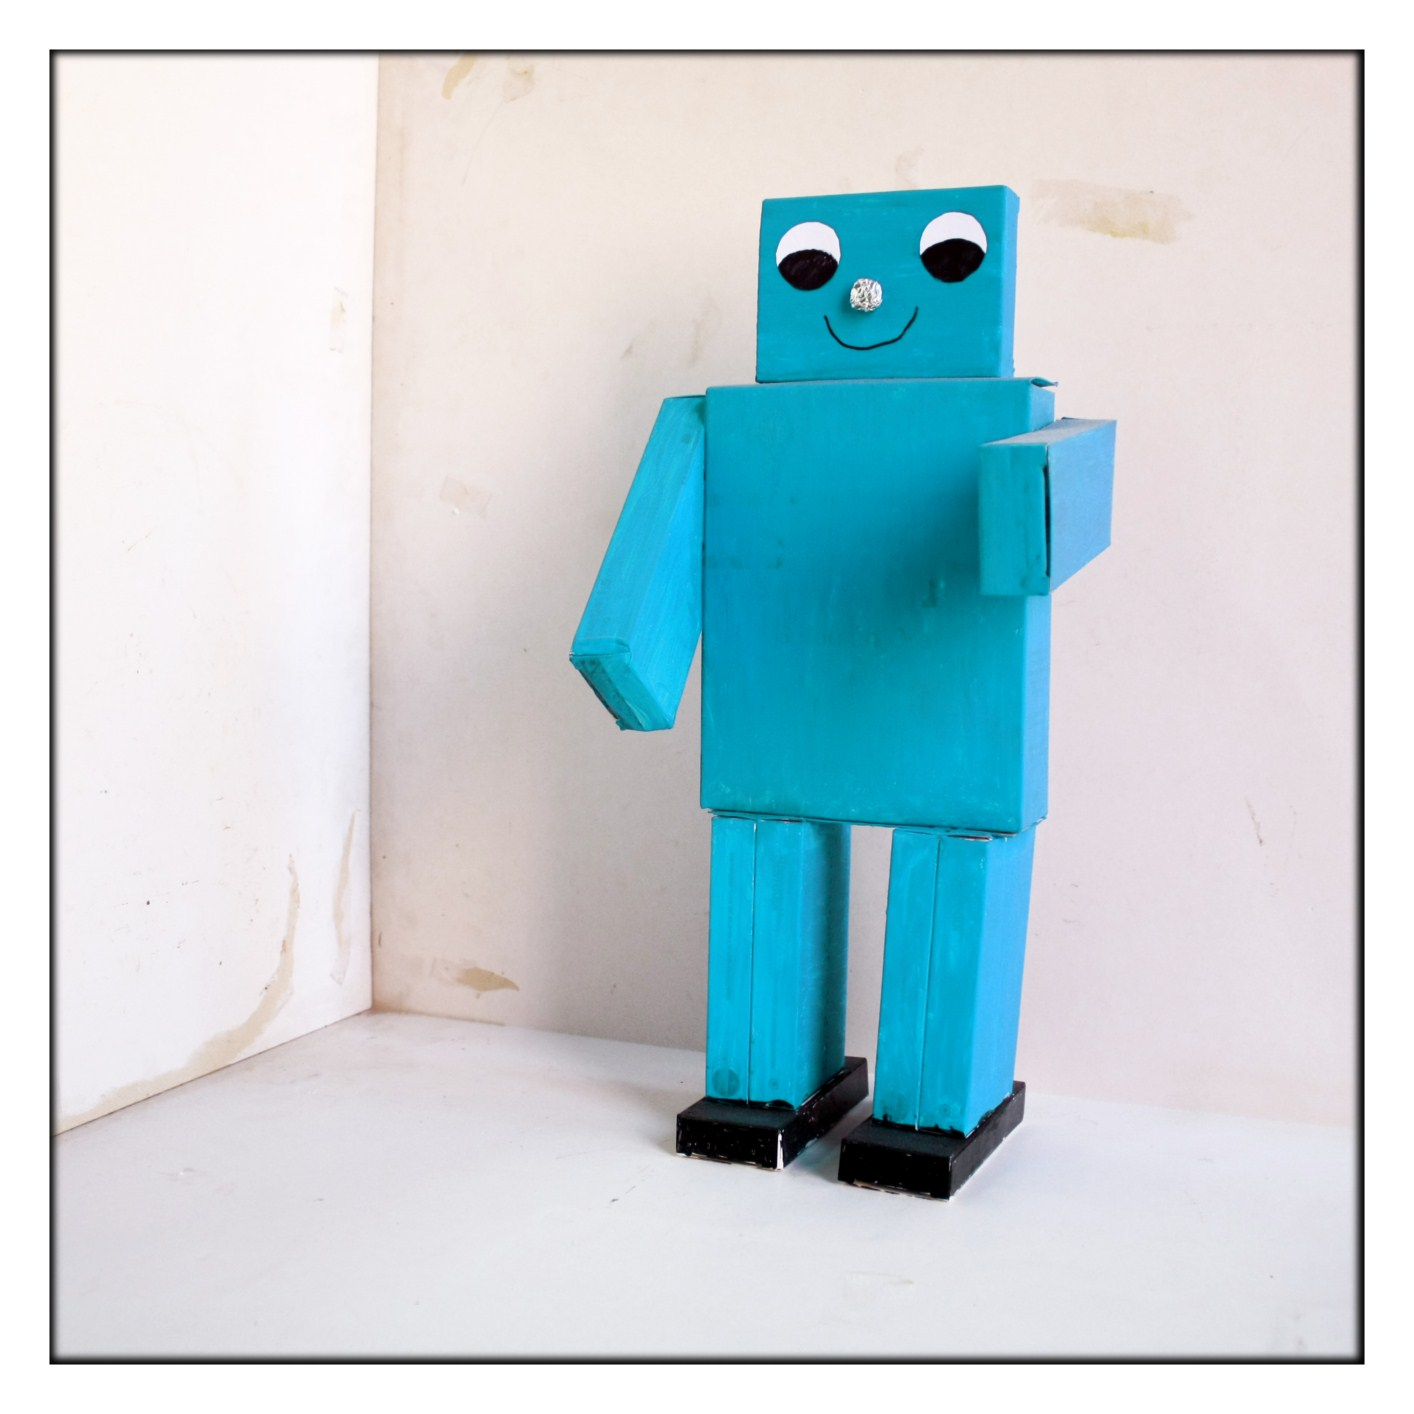 ROBOTS CON CAJAS  imagenesola imagen y la educacion plastica y